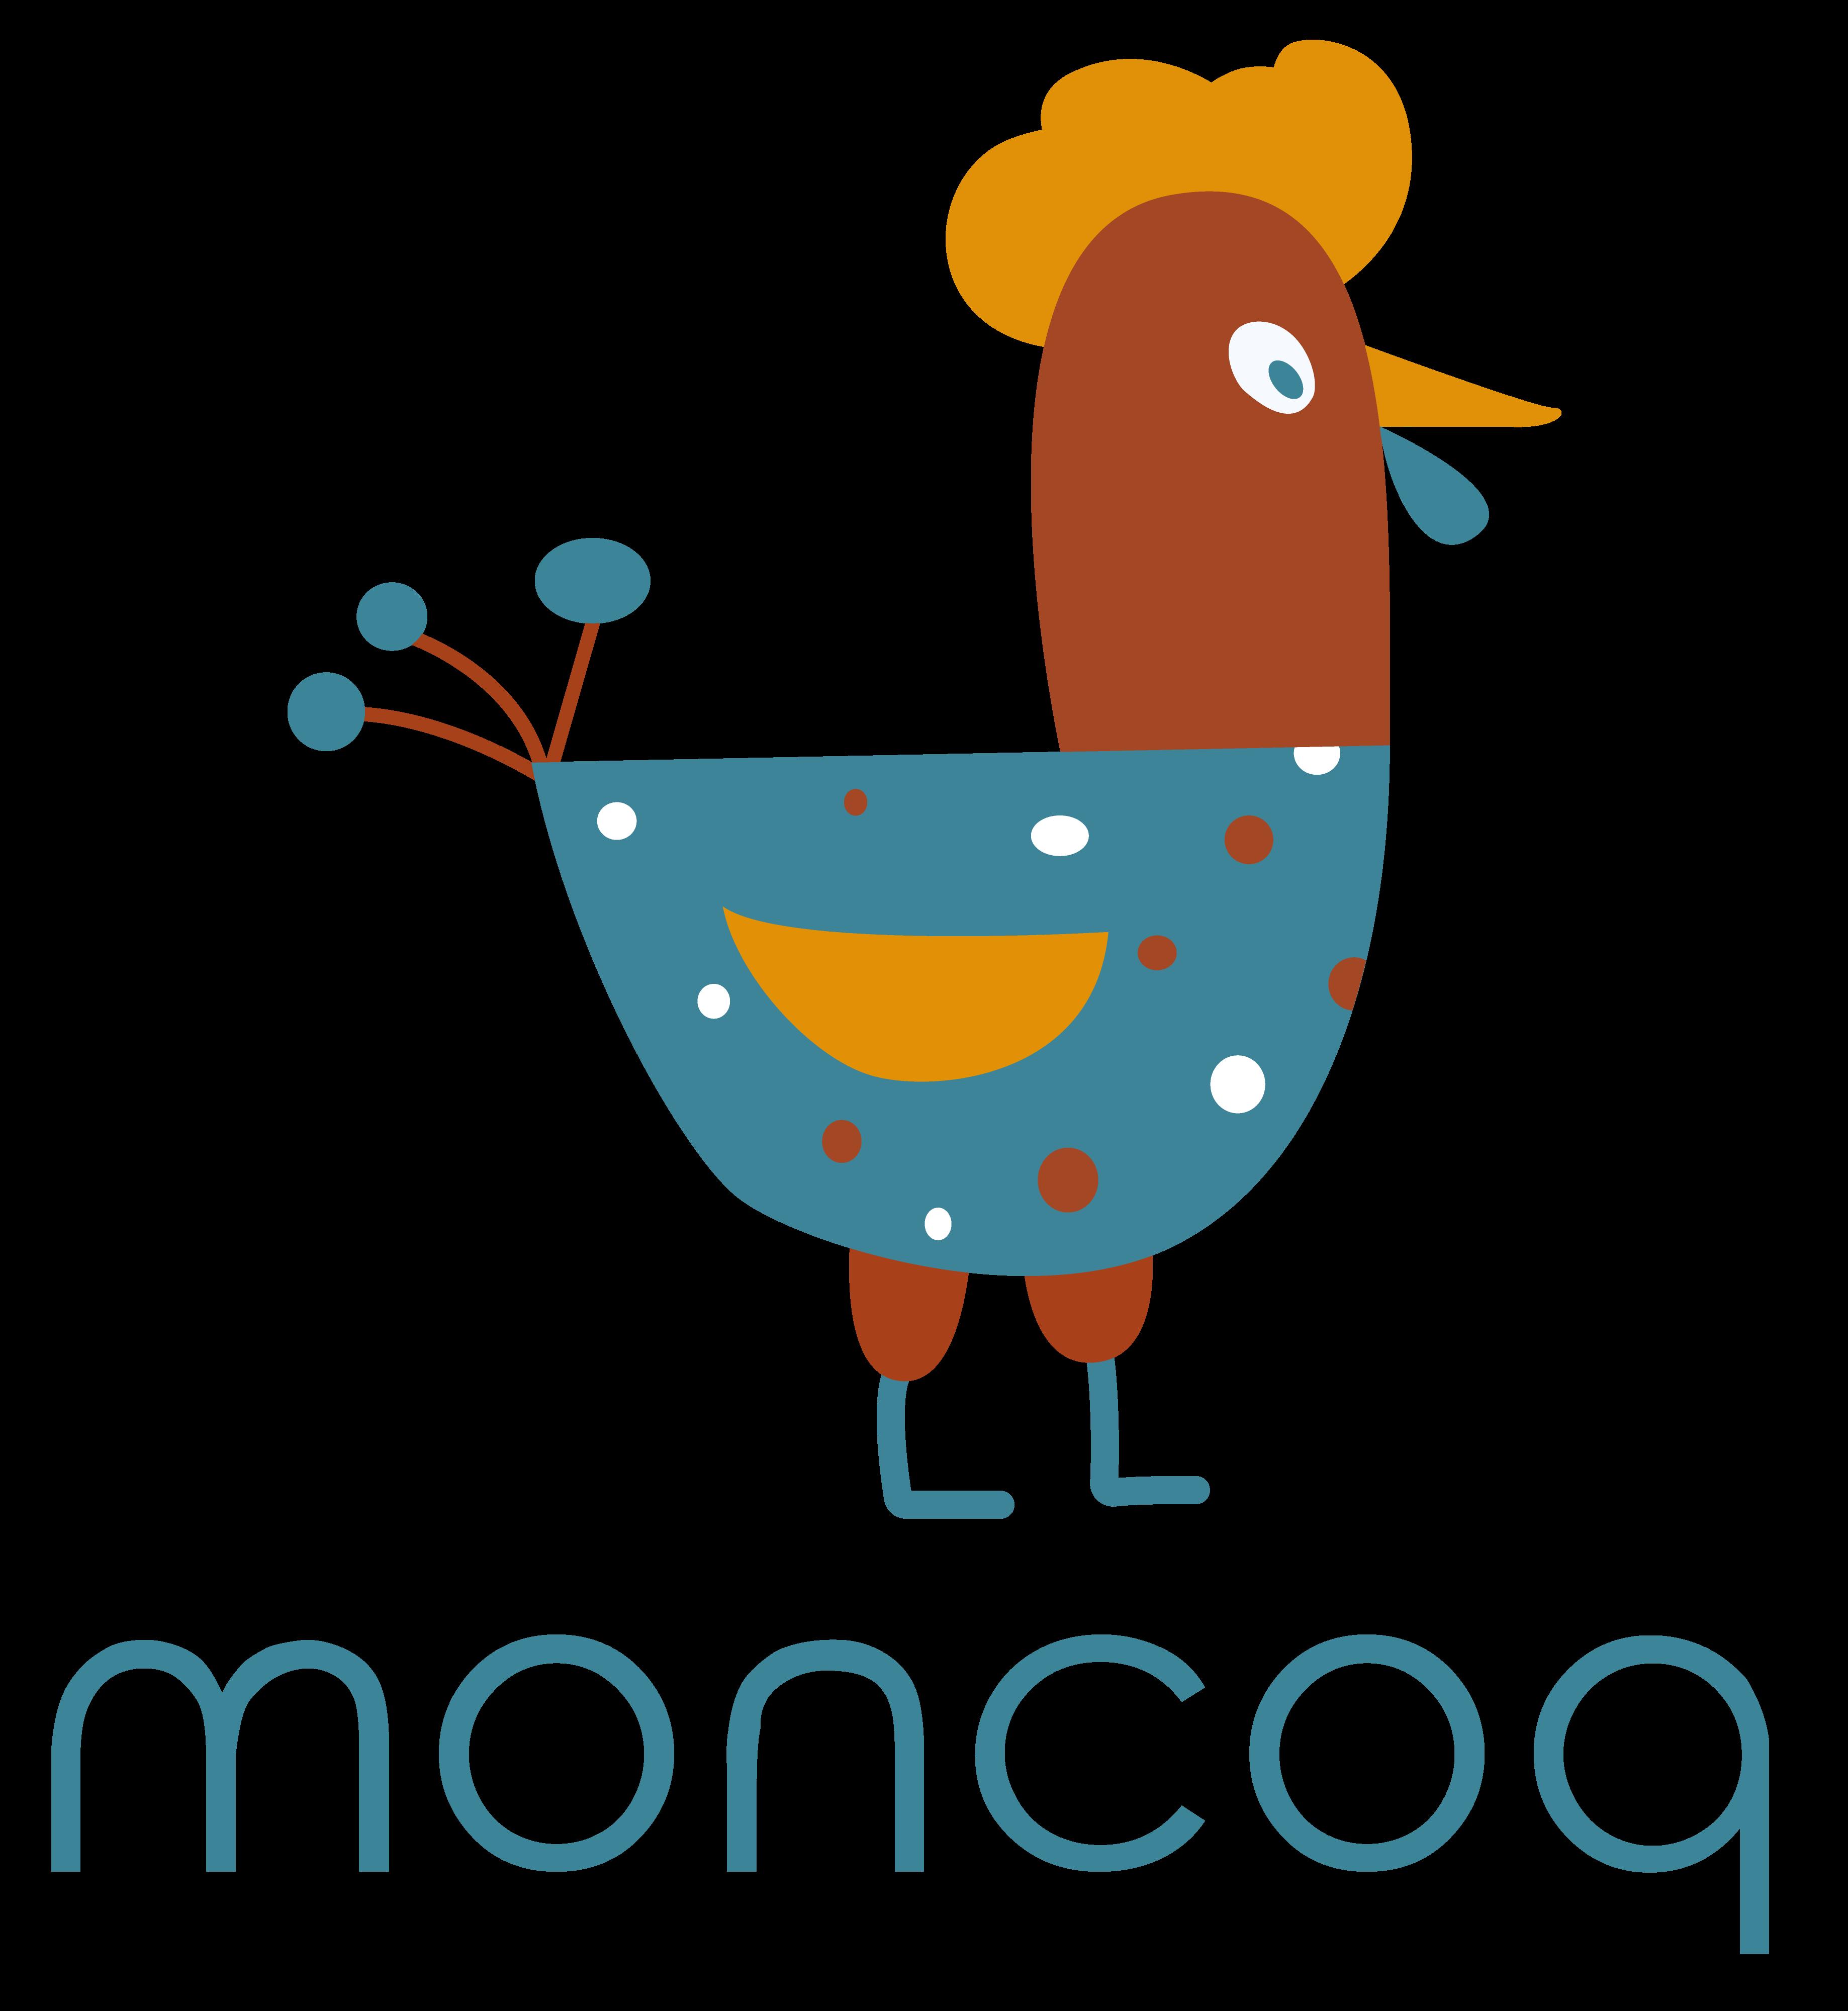 logo-moncoq